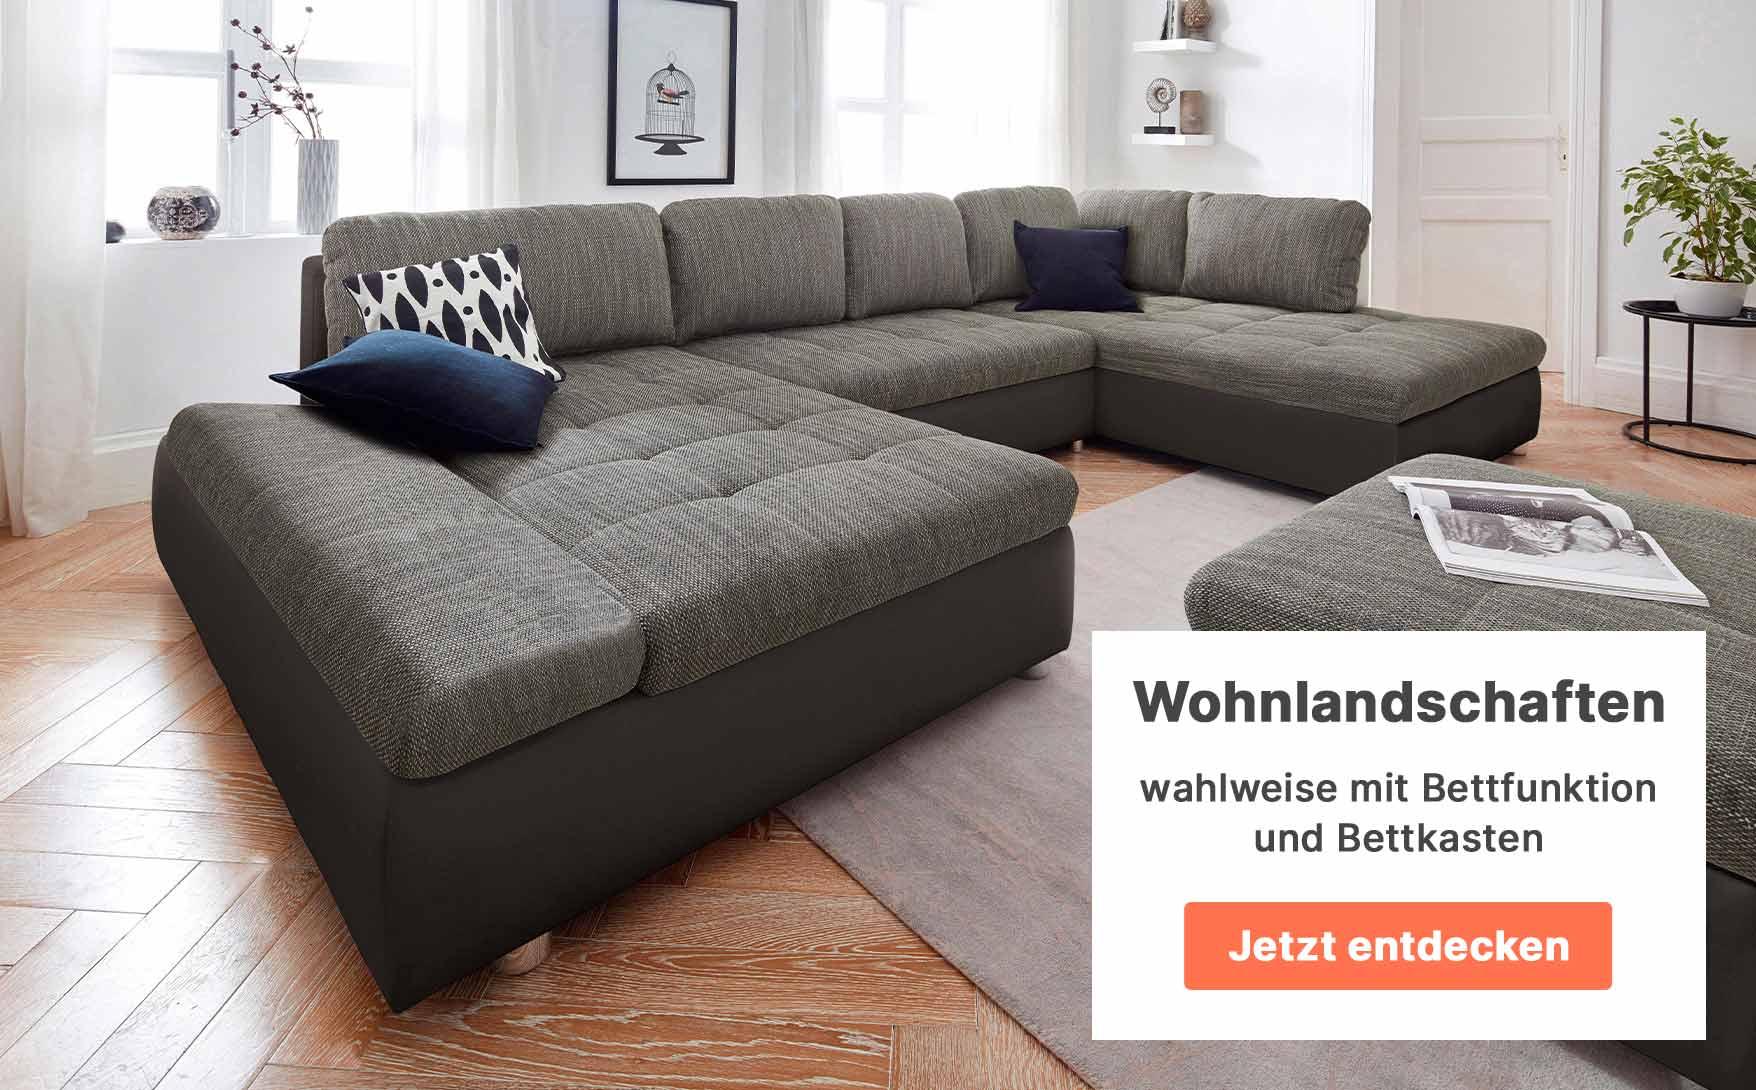 Full Size of Sofa Rund Klein Couch Couchtisch Cnouchde Polstermbel Wohnmbel Zum Online Shop U Form Xxl Natura Husse Bullfrog Kunstleder 3 2 1 Sitzer Kleines Badezimmer Neu Wohnzimmer Sofa Rund Klein